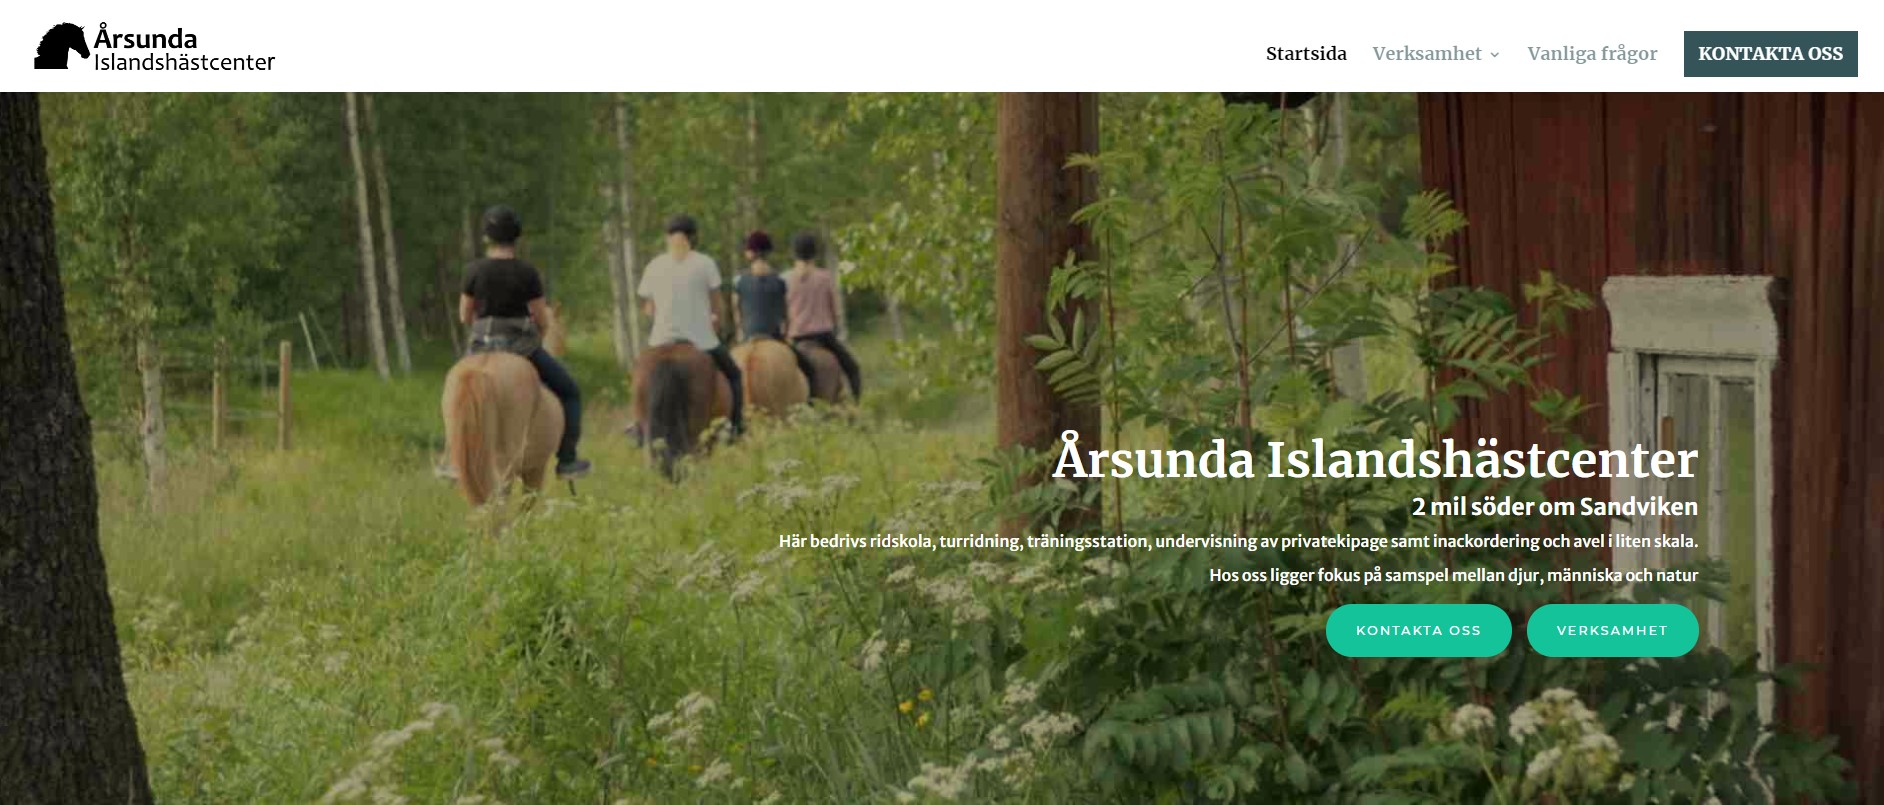 Bild: Årsunda Islandshästcenter